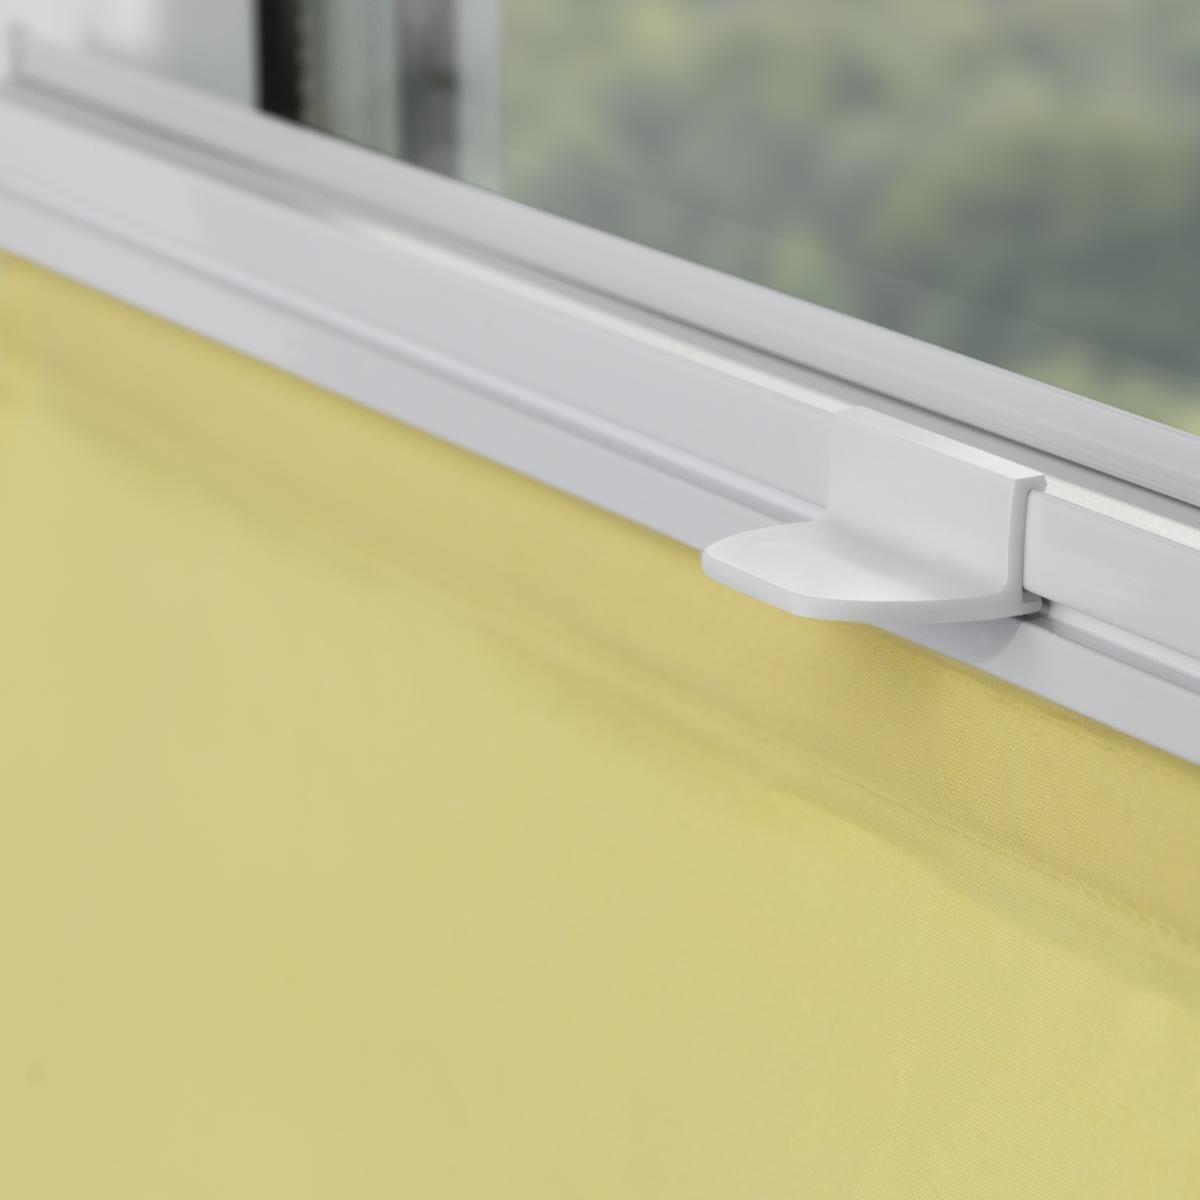 Bild 3 von Lichtblick Raffrollo Klemmfix TOP, ohne Bohren, verspannt Gelb, 110 cm x 130 cm (B x L)